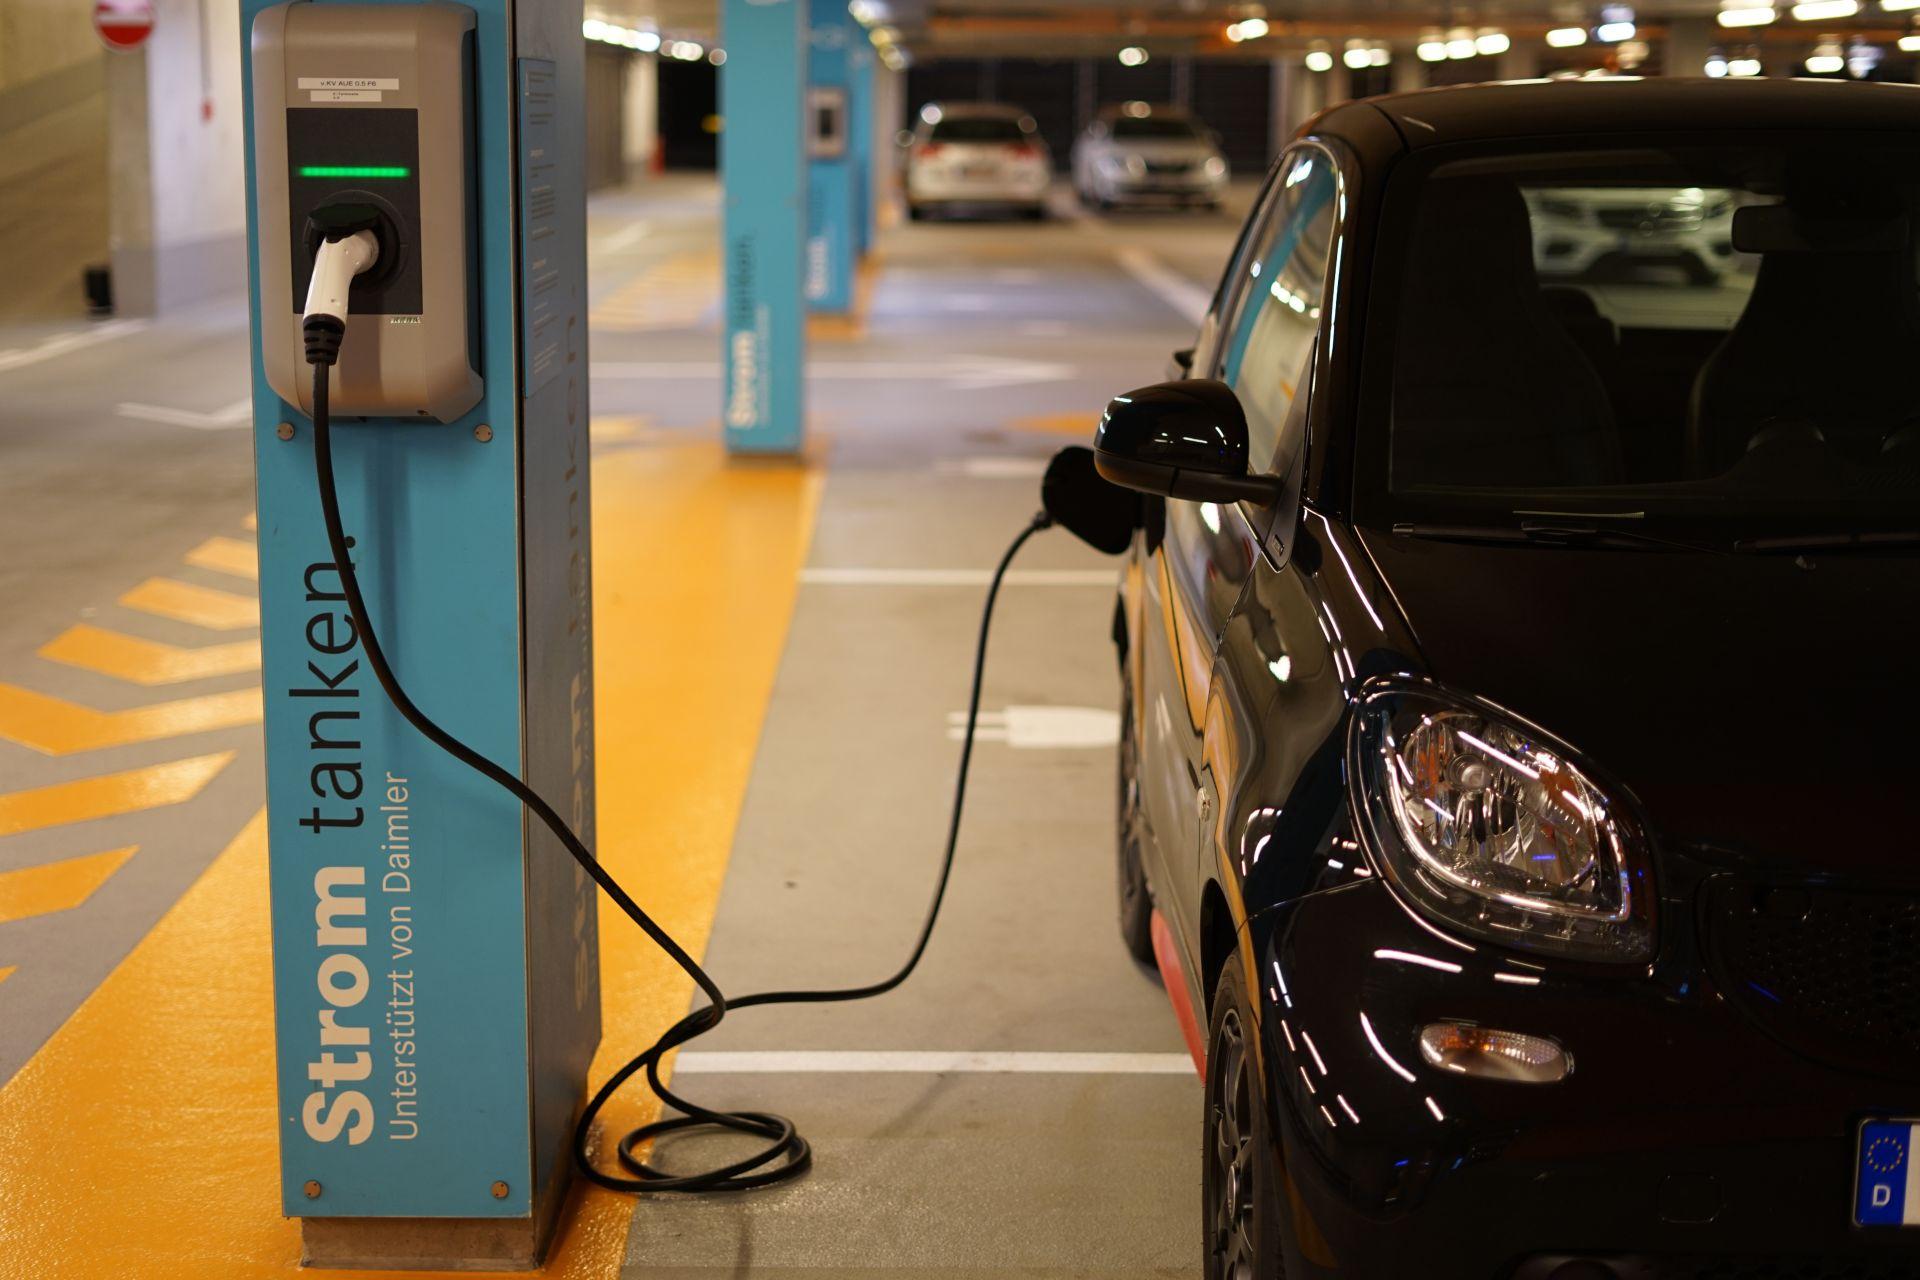 Bestand an Elektroautos und Plug-in-Hybriden wächst in Deutschland auf 240.000 Fahrzeuge